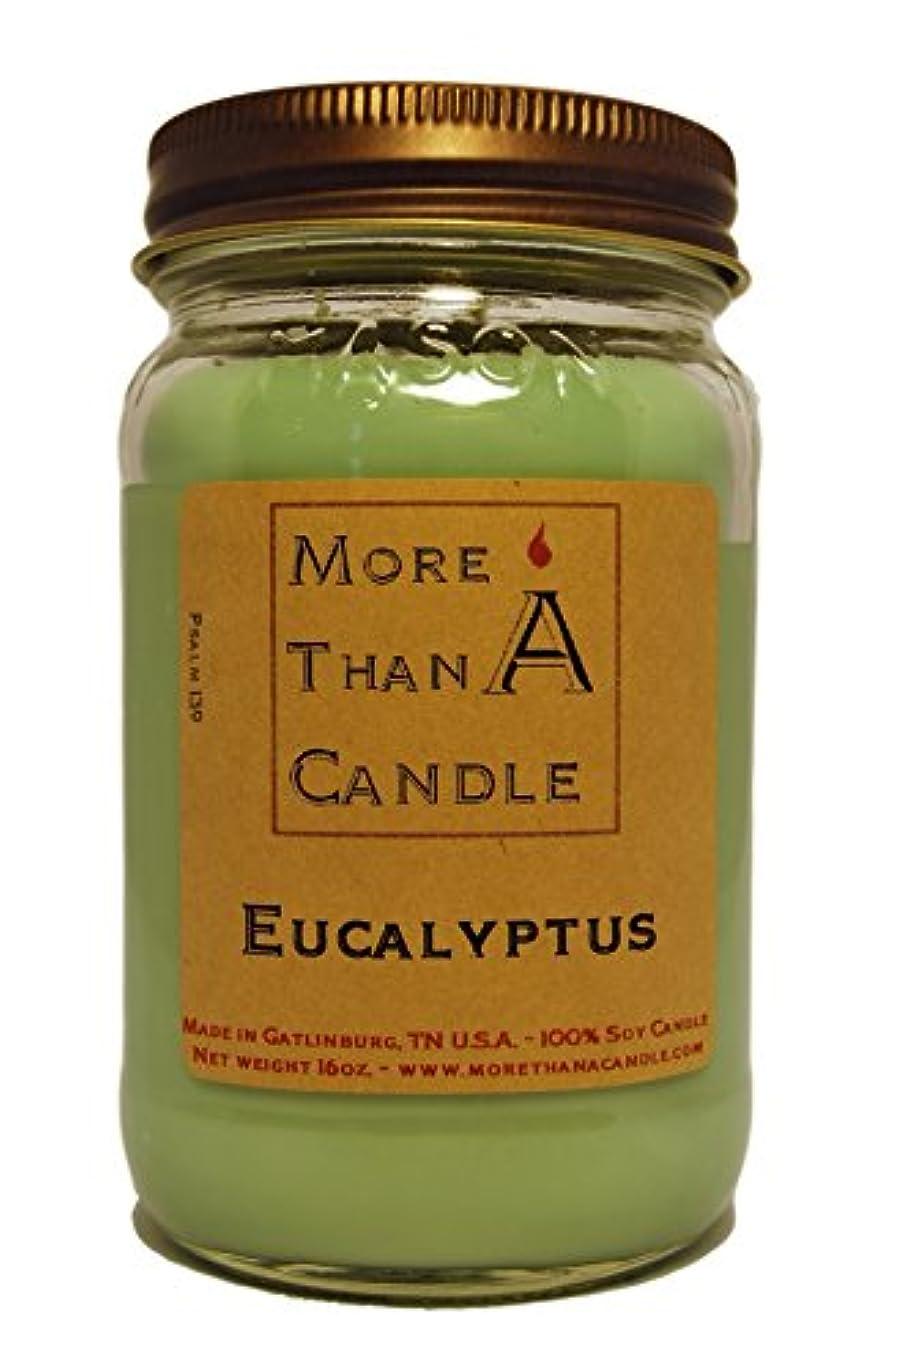 してはいけないパワーセル期待してMore Than A Candle ELP16M 16 oz Mason Jar Soy Candle, Eucalyptus